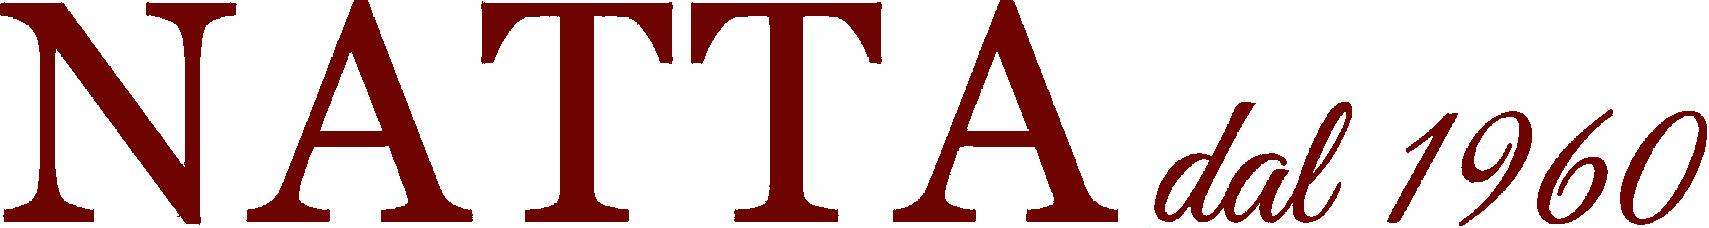 natta-calzature-torino-logo-retina